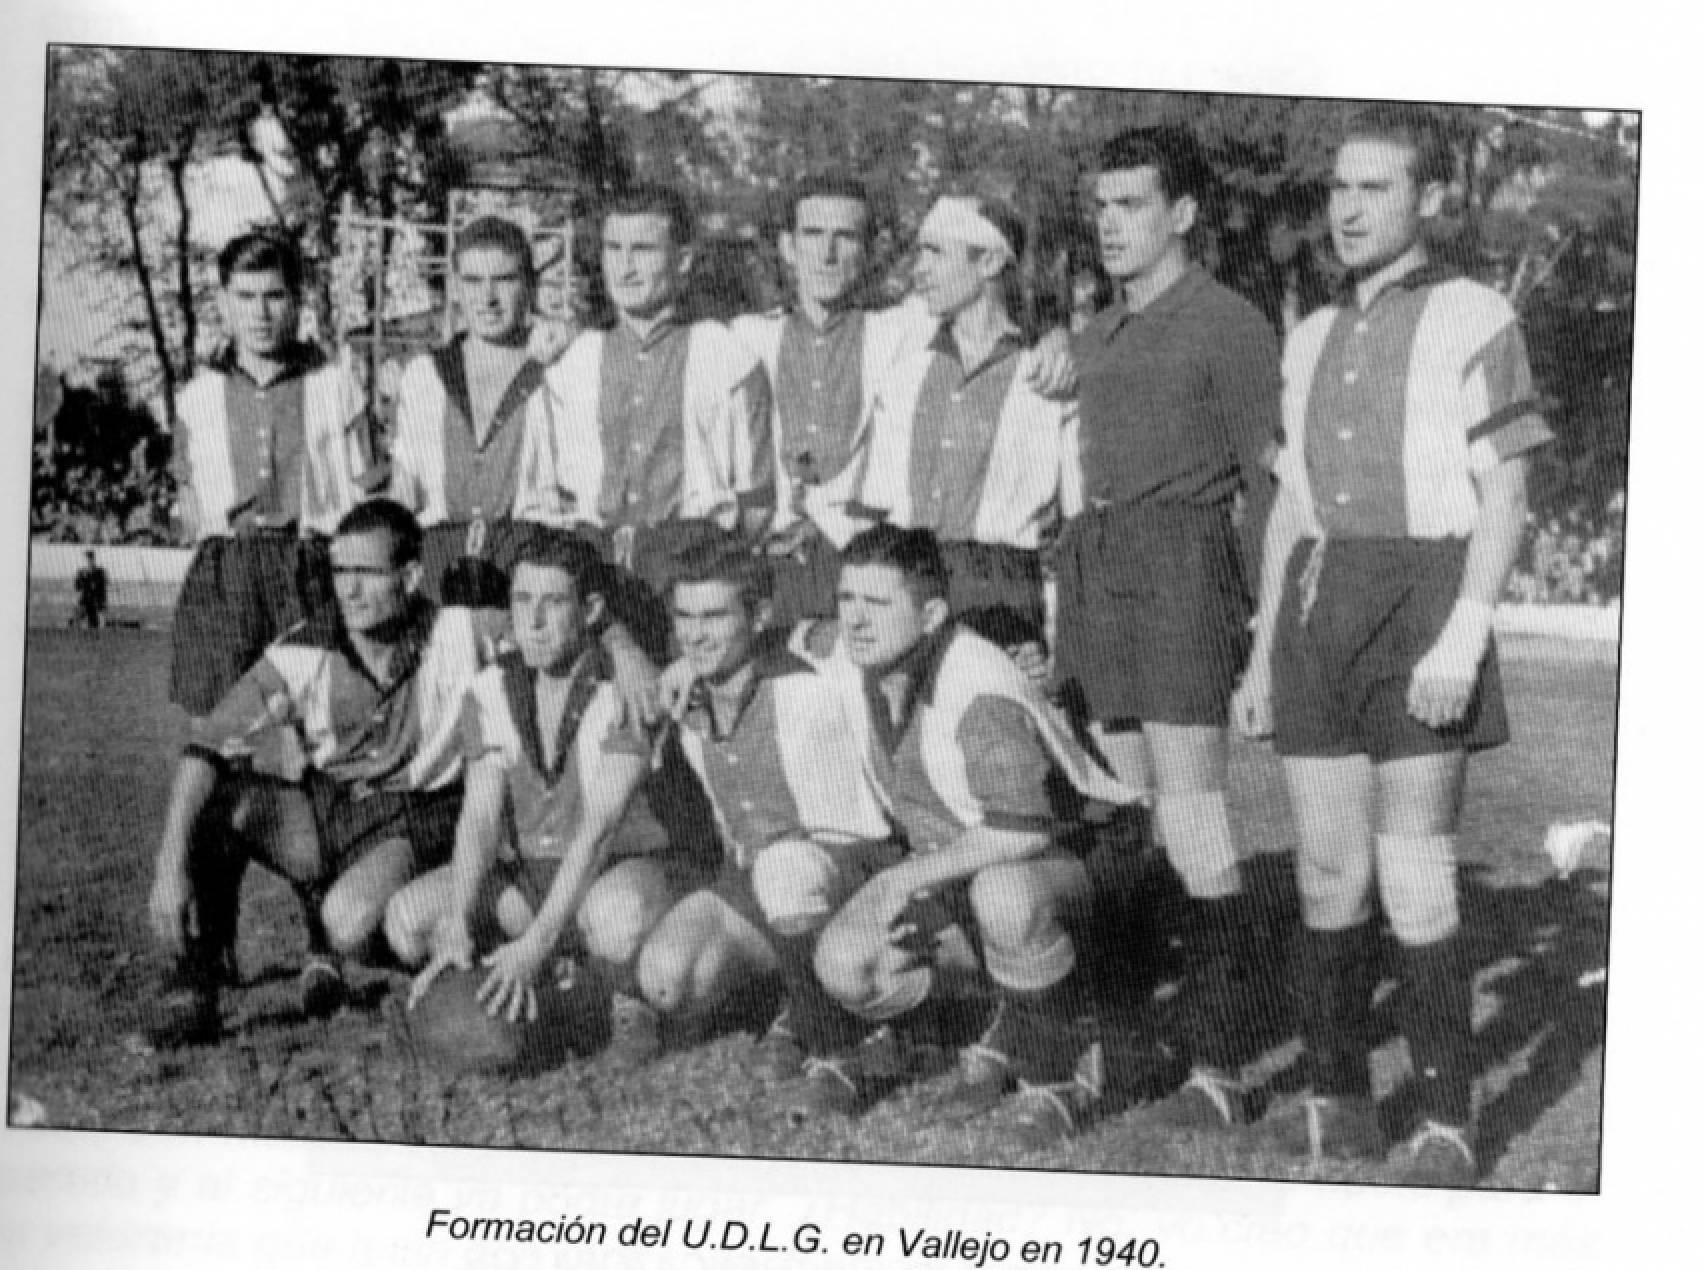 Unión Deportiva Levante Gimnástico